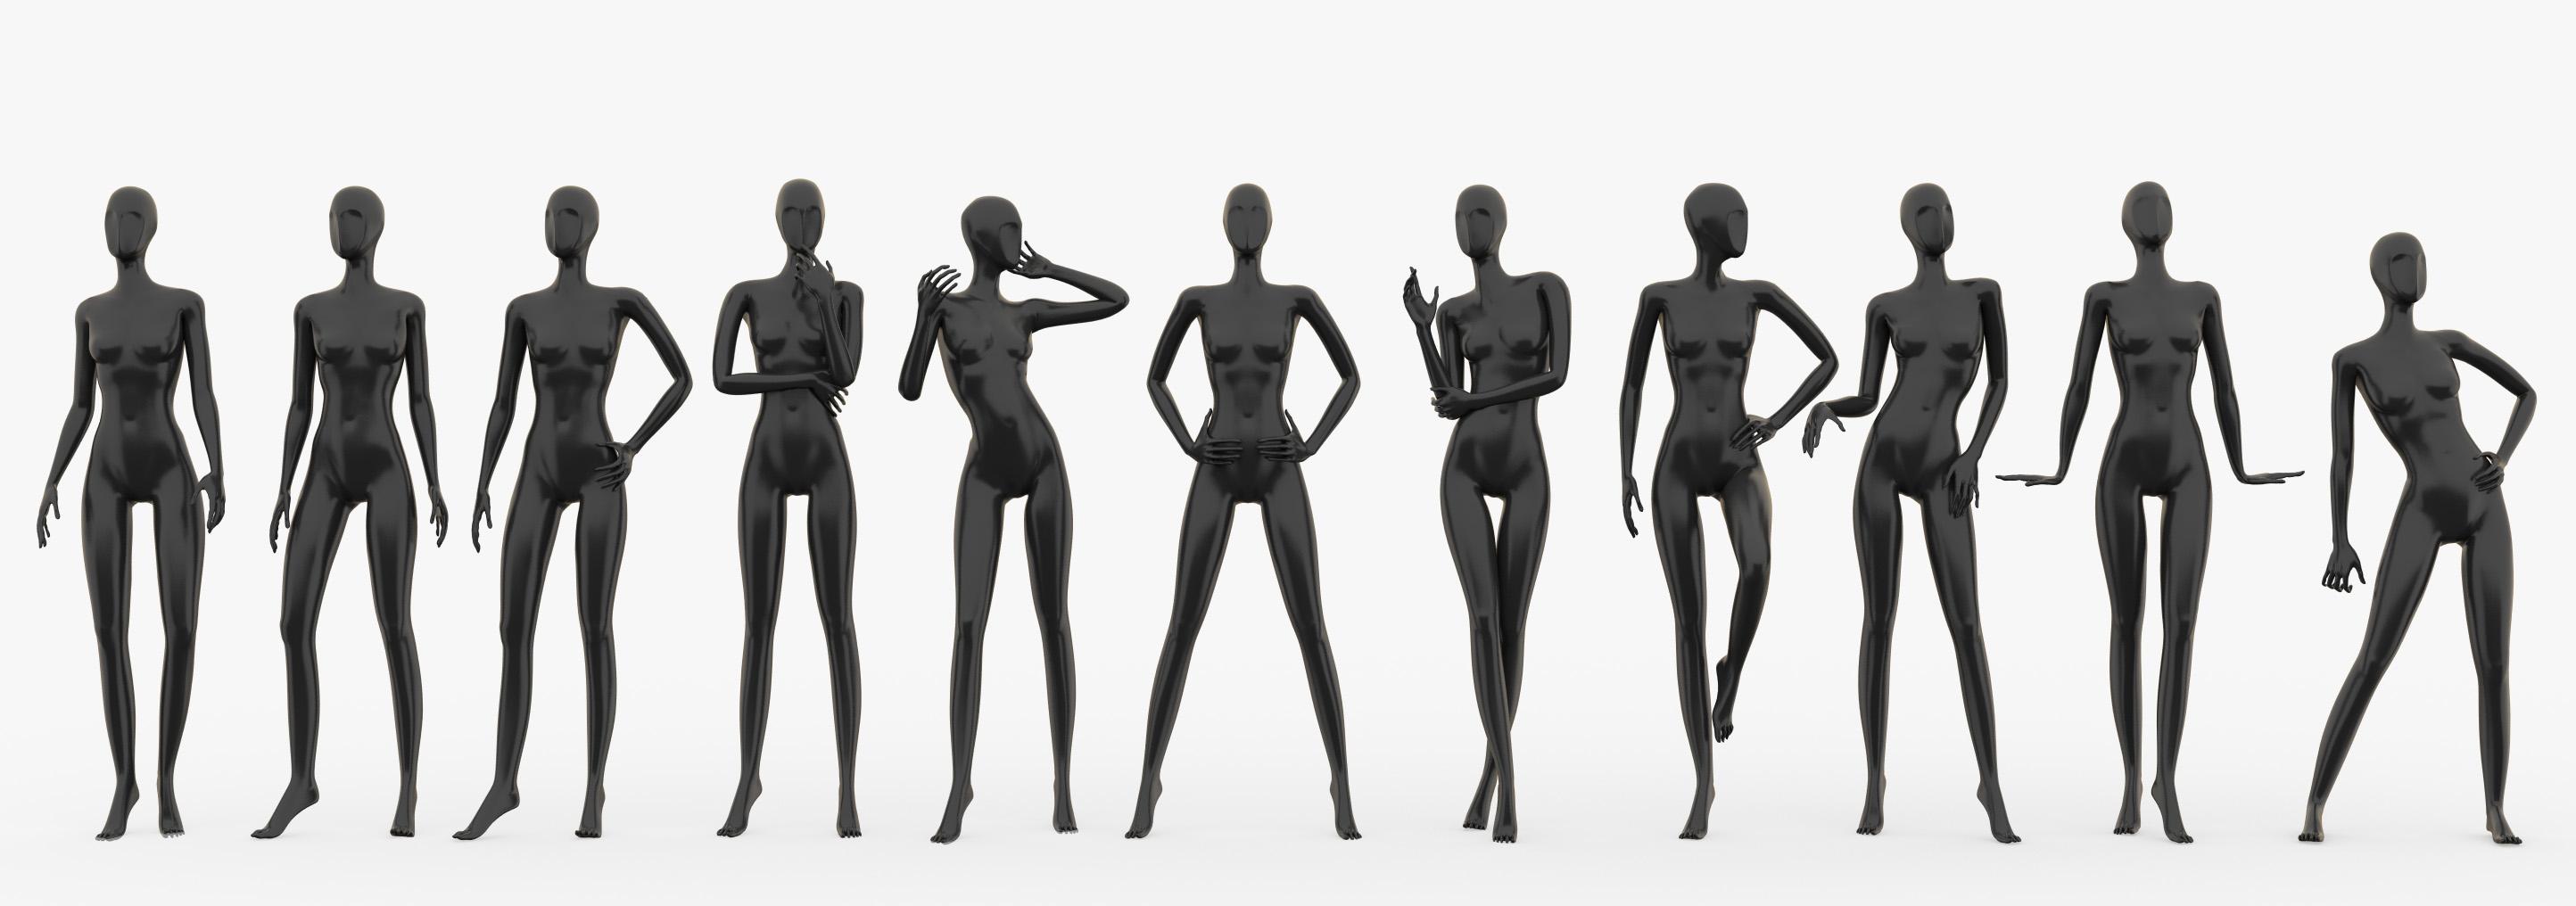 max slim female mannequins